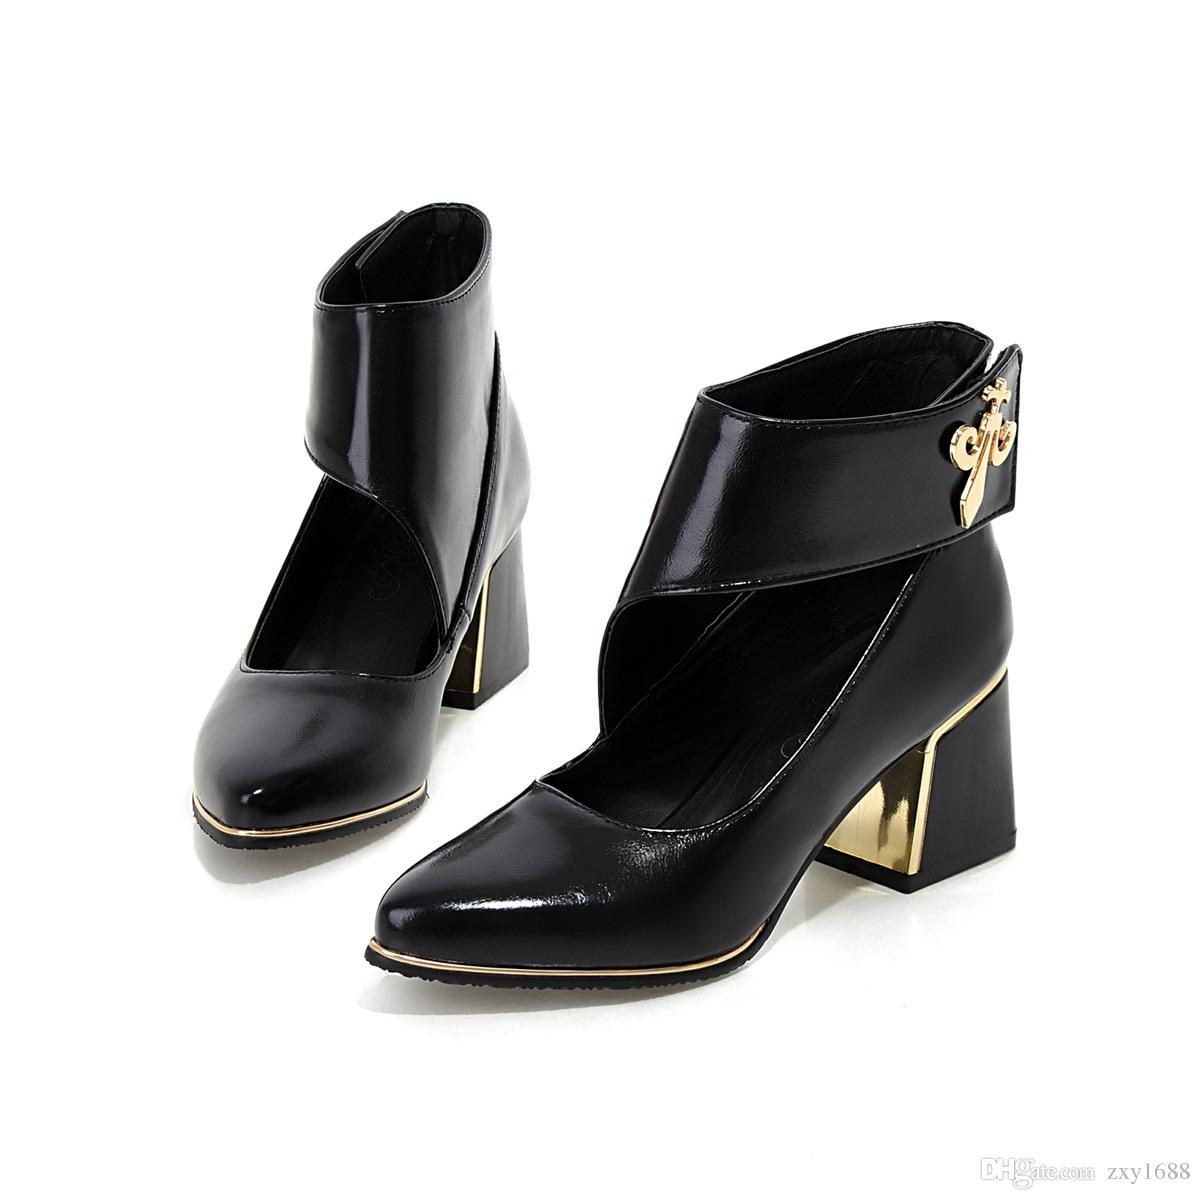 2017 primavera e autunno, Europa e America nuovo stile, pulsante appiccicoso, tinta unita, semplice ed elegante, sandali femminili cavi AYY 060